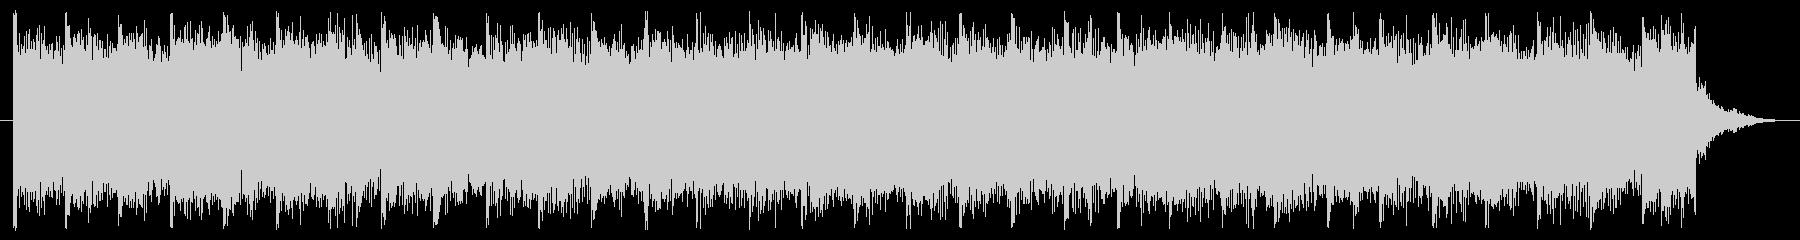 ブーン(サイレン、アラーム音)(低音)の未再生の波形